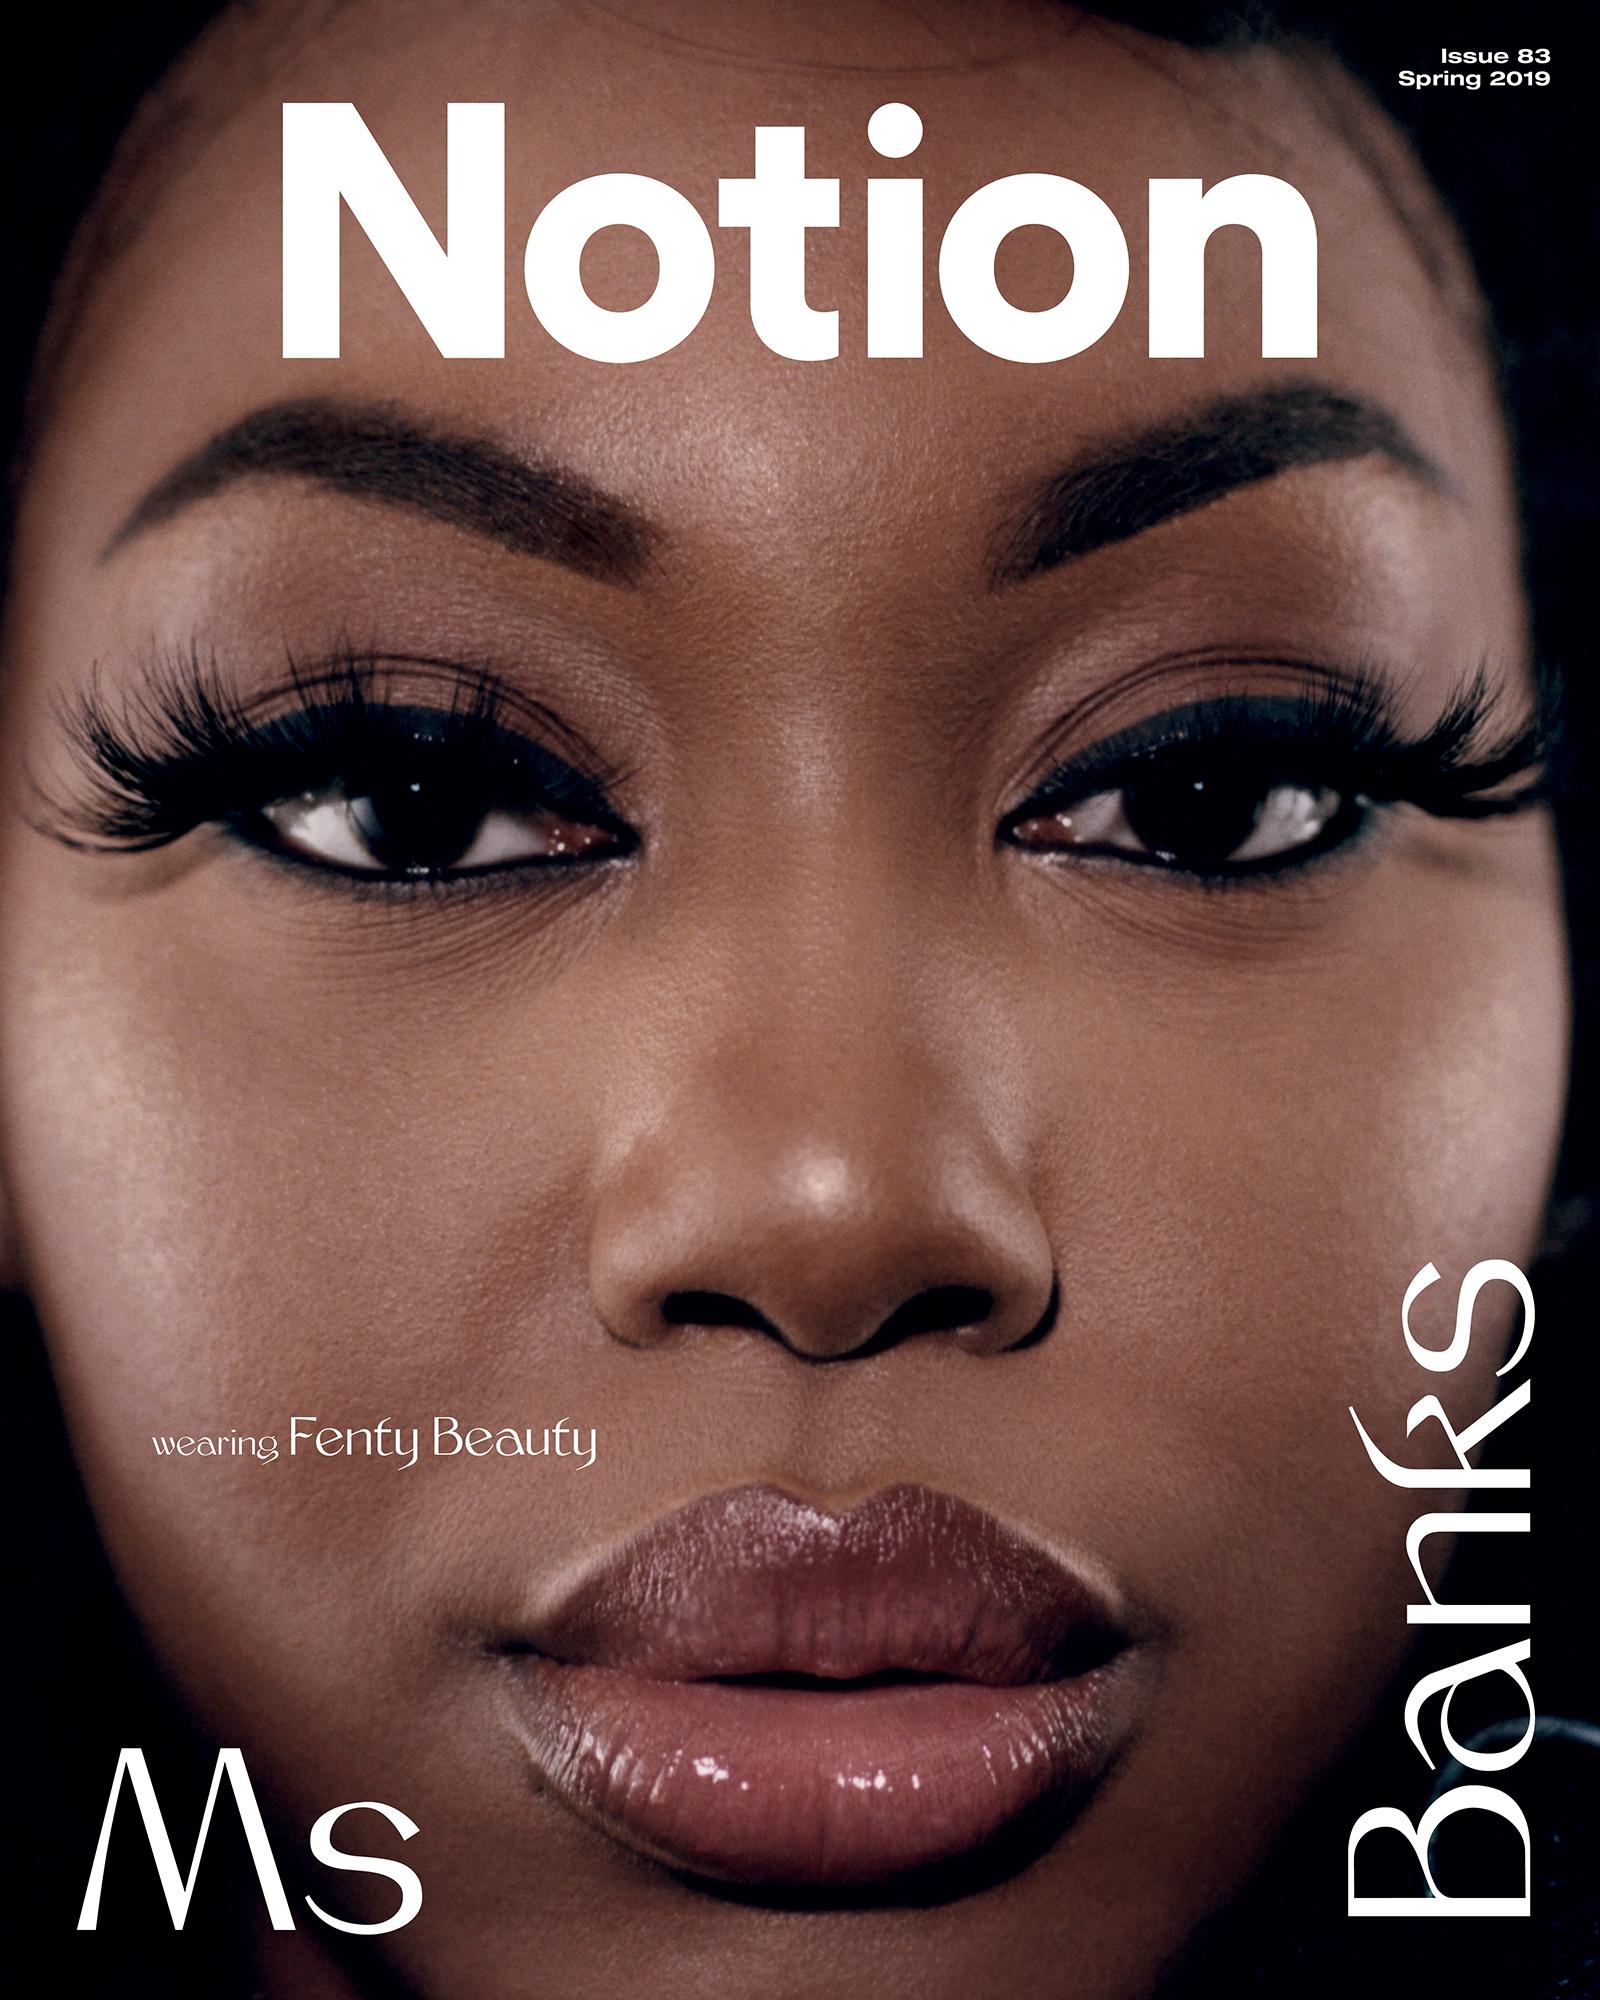 Ms Banks N83 Cover copy.JPG